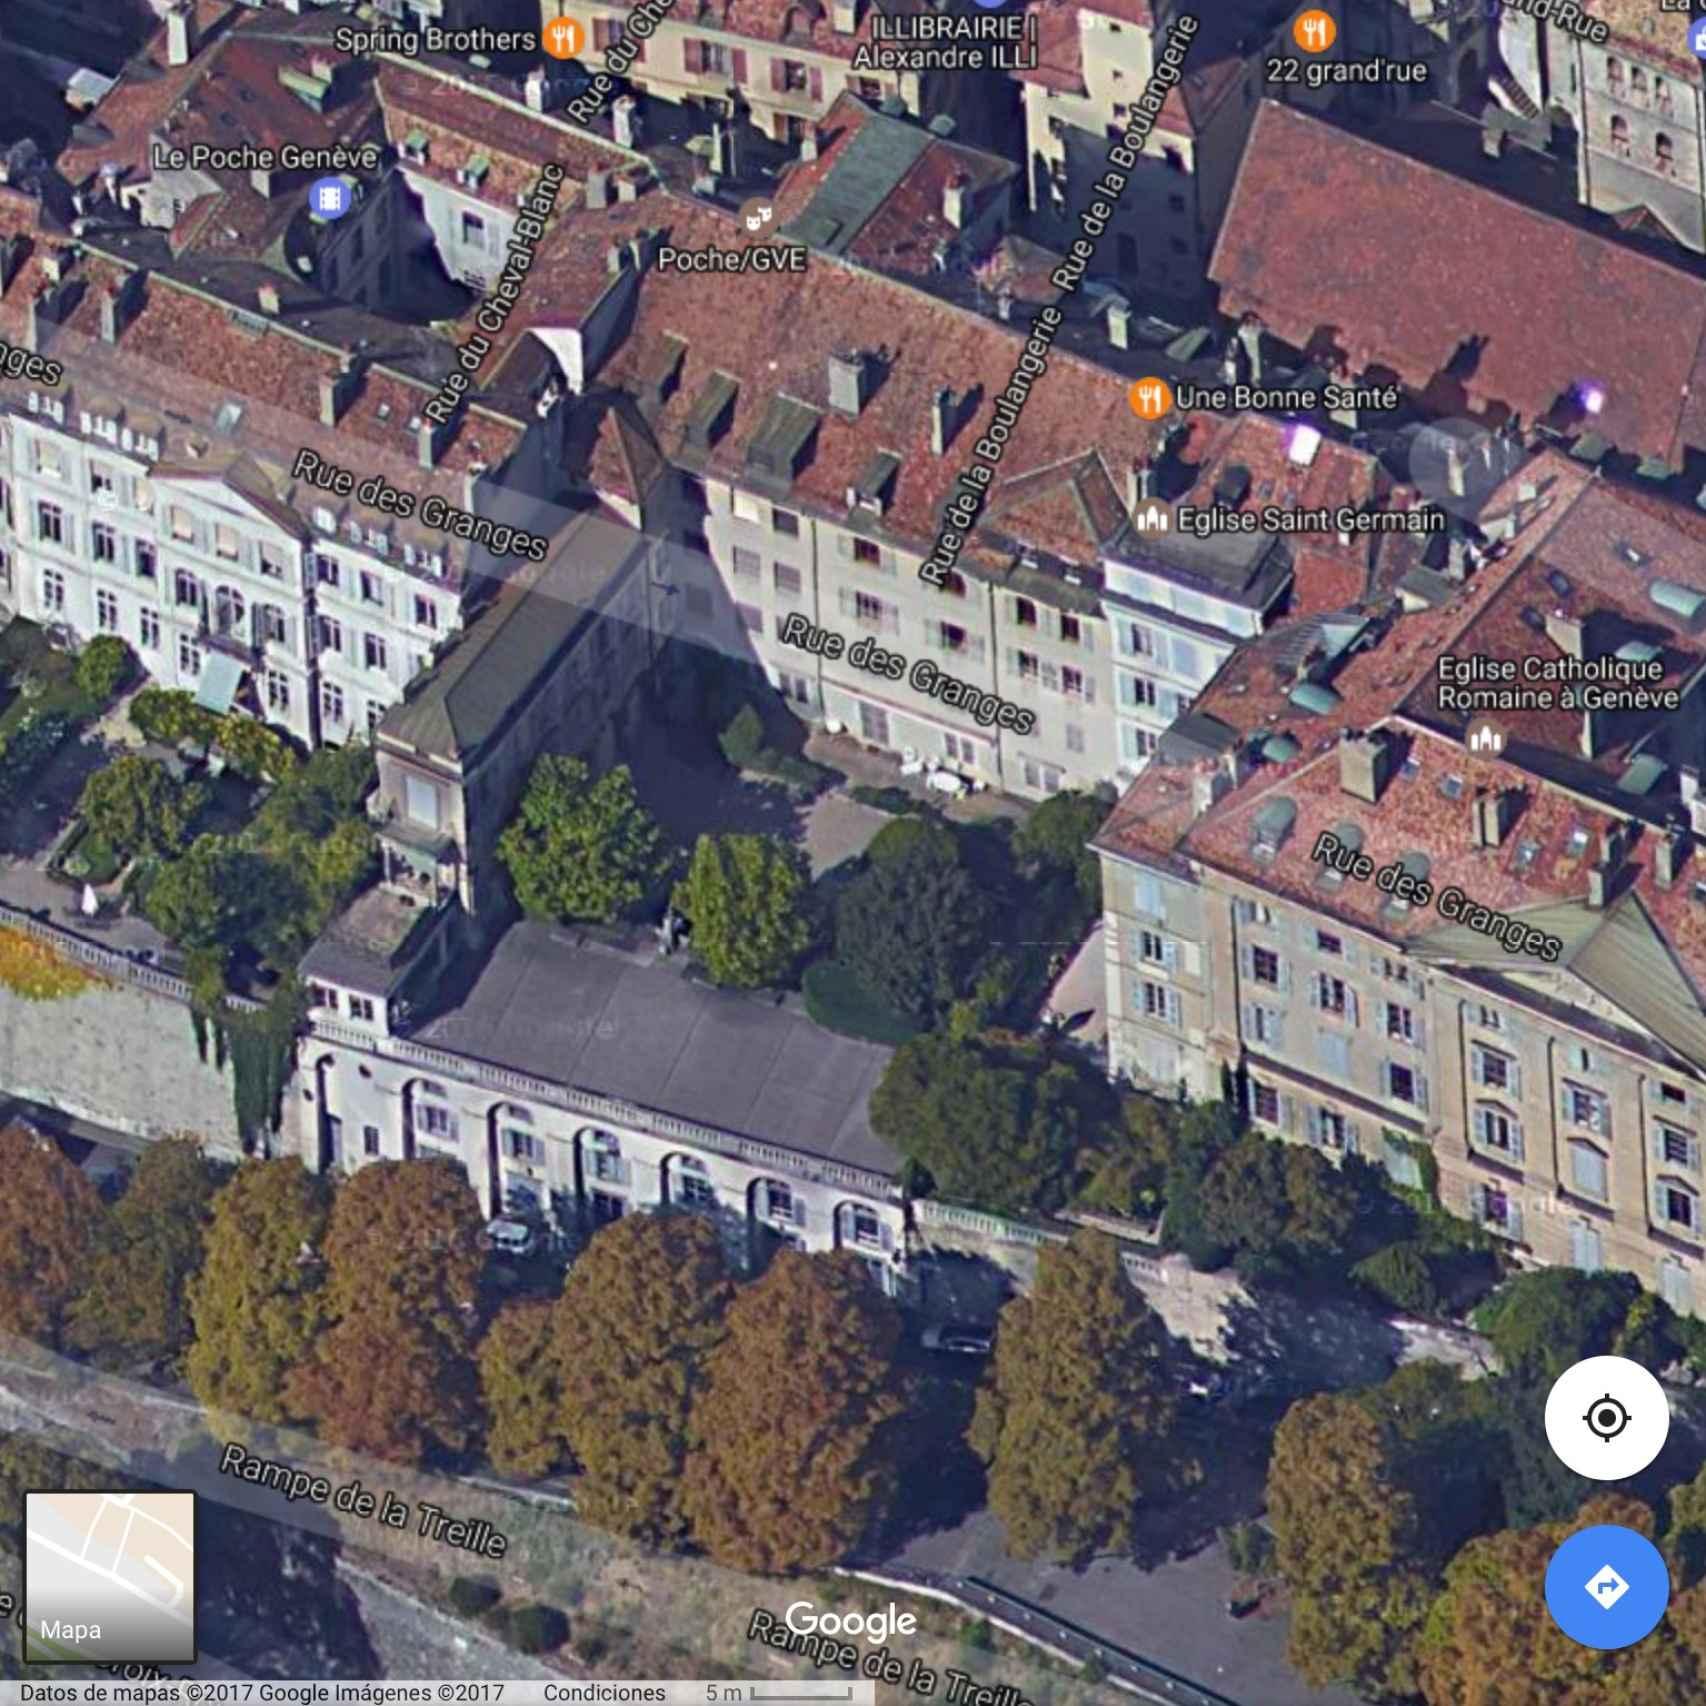 Vista aérea del barrio donde vive la familia Urdangarin de Borbón